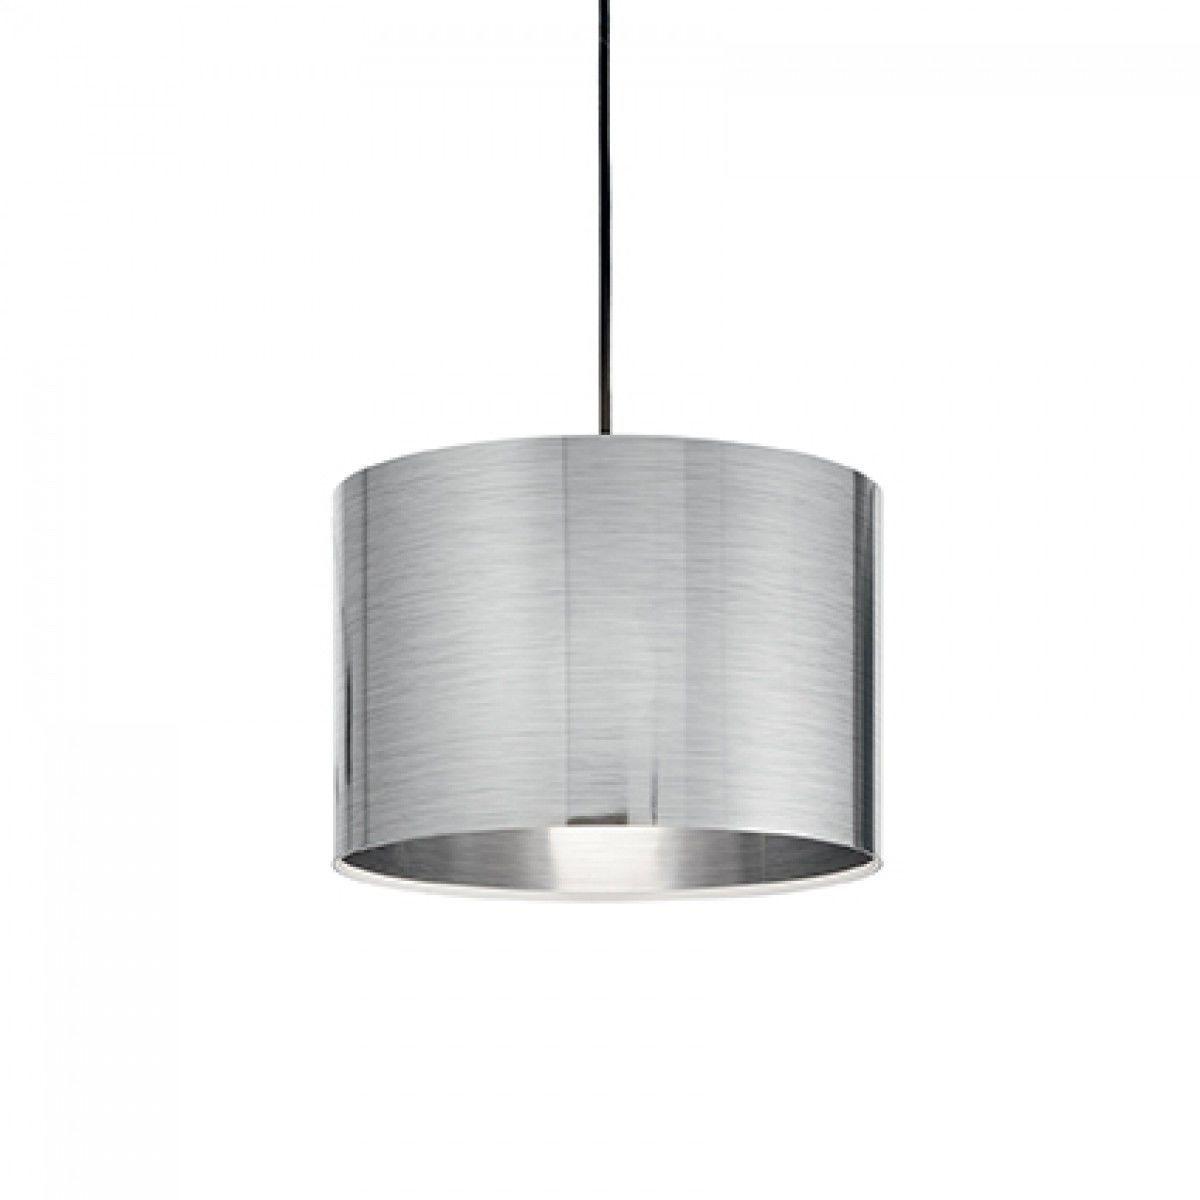 Lustra Medium Alluminio